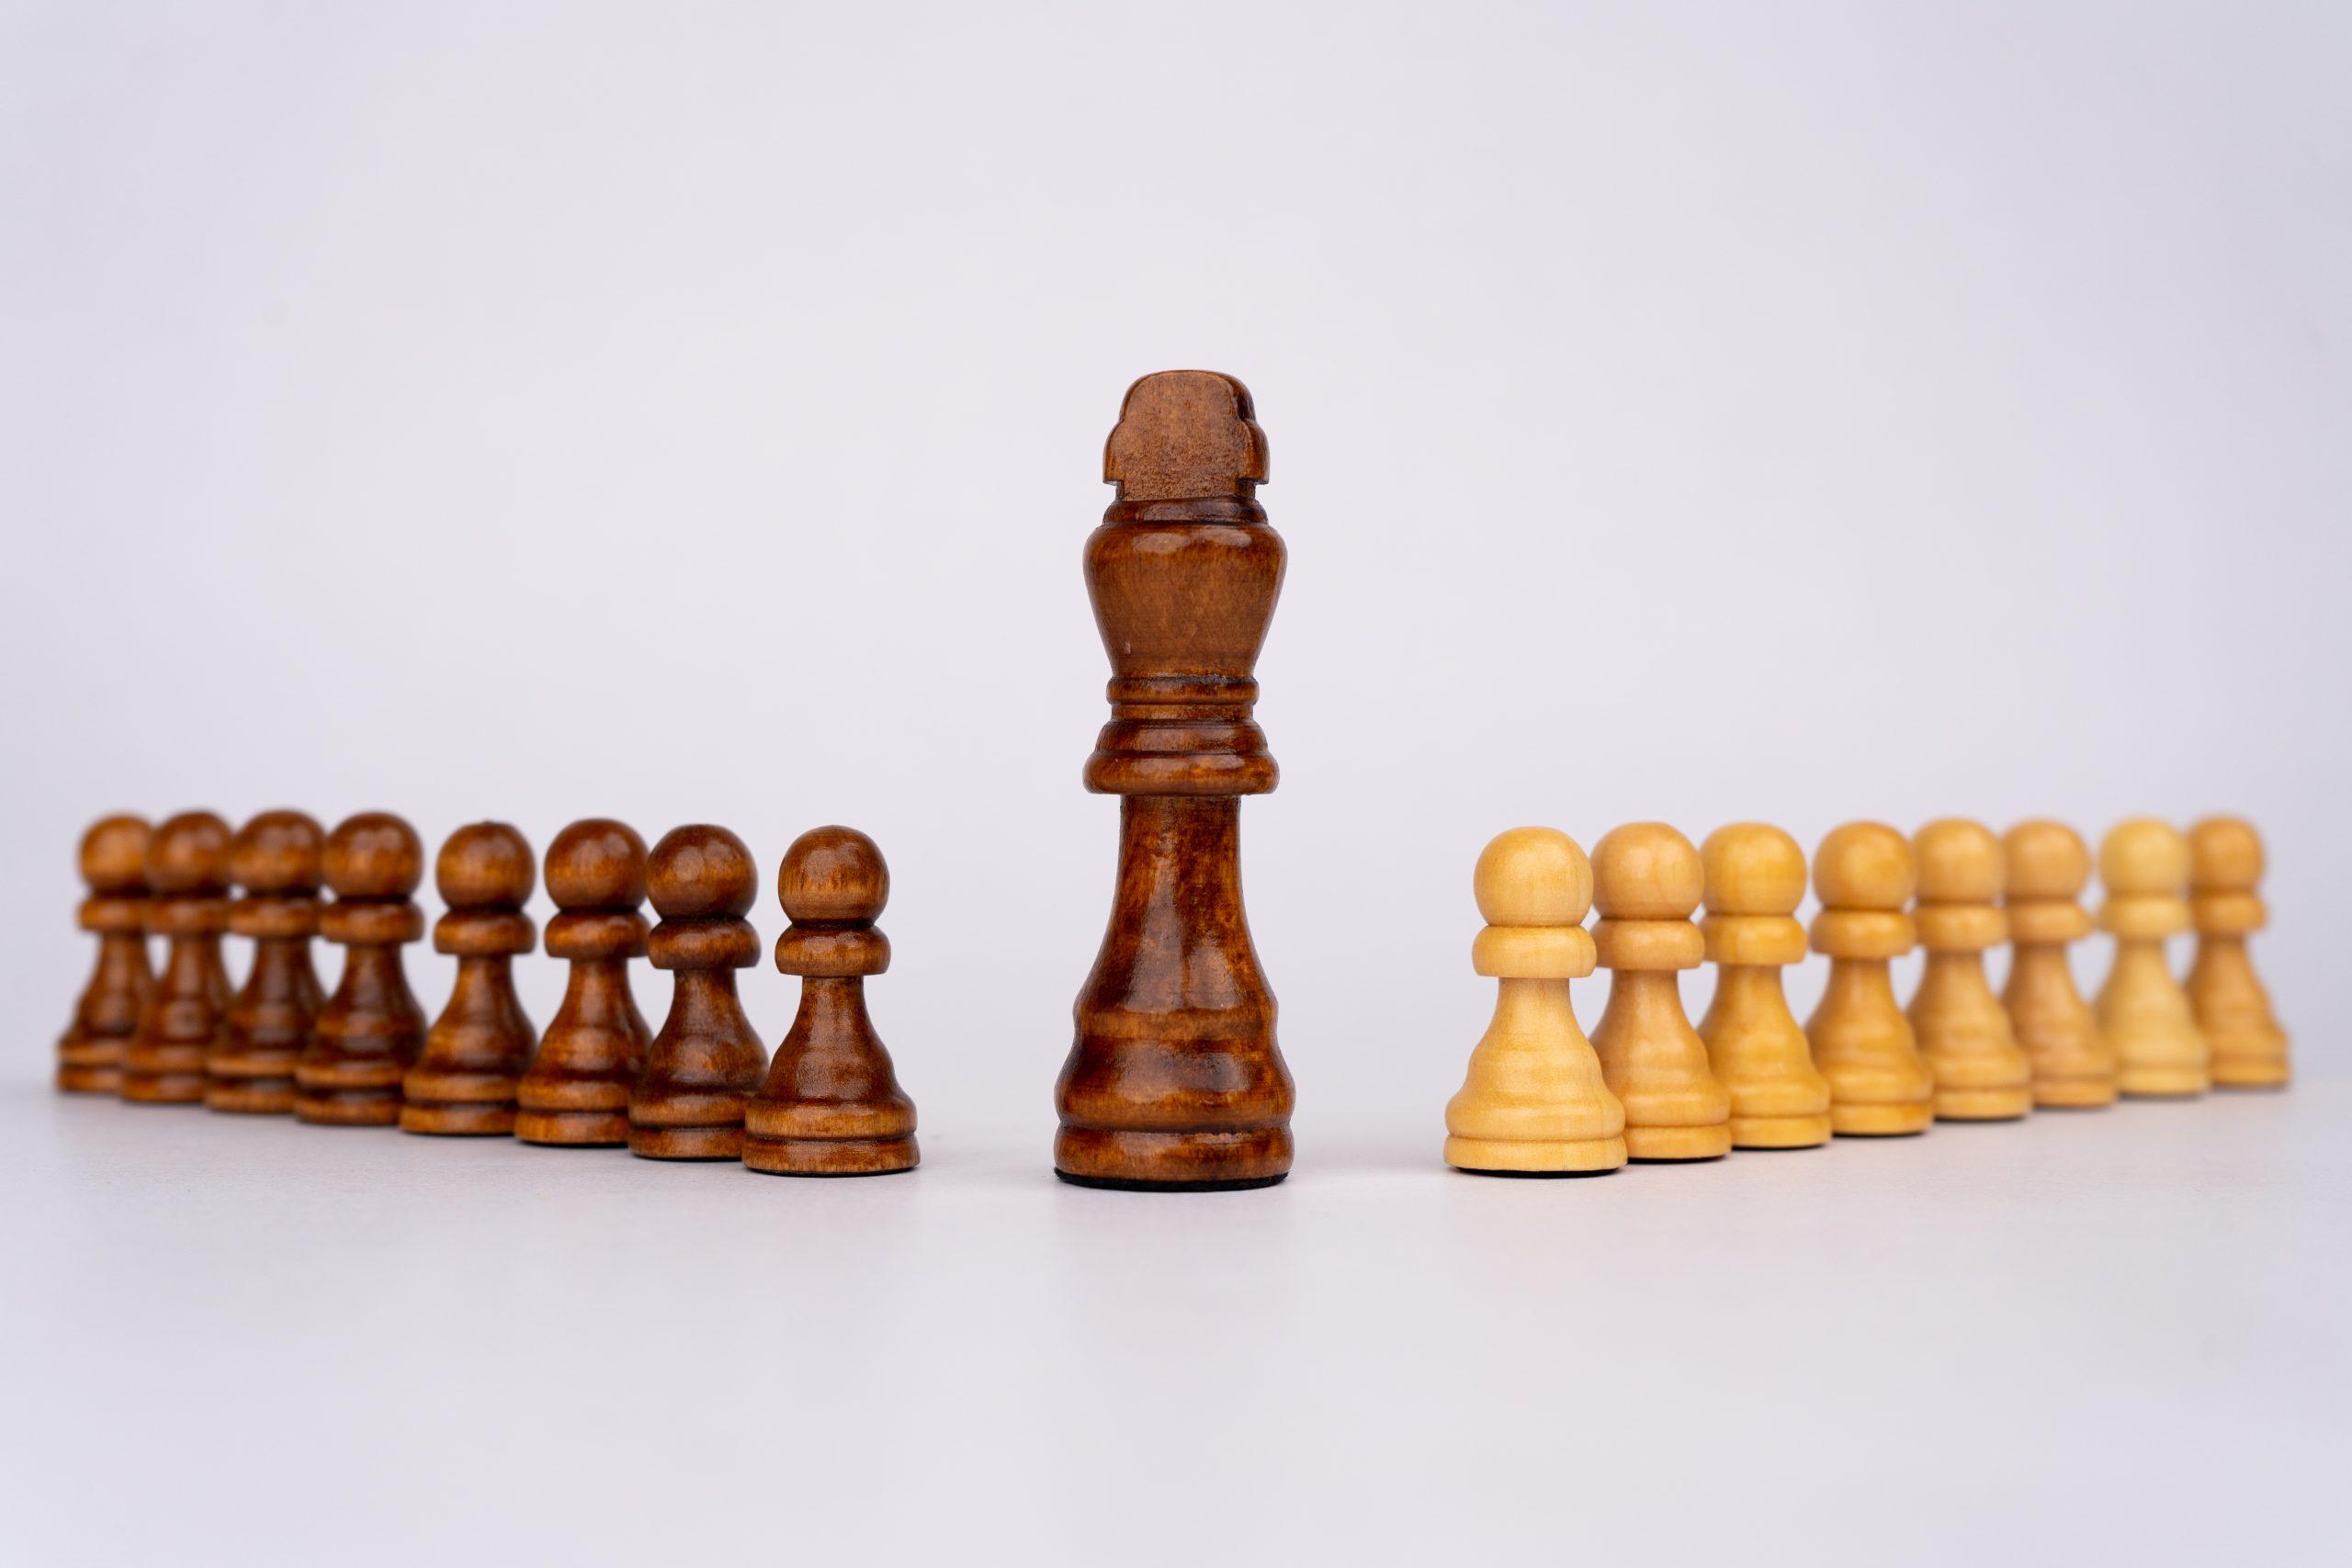 Black king in center